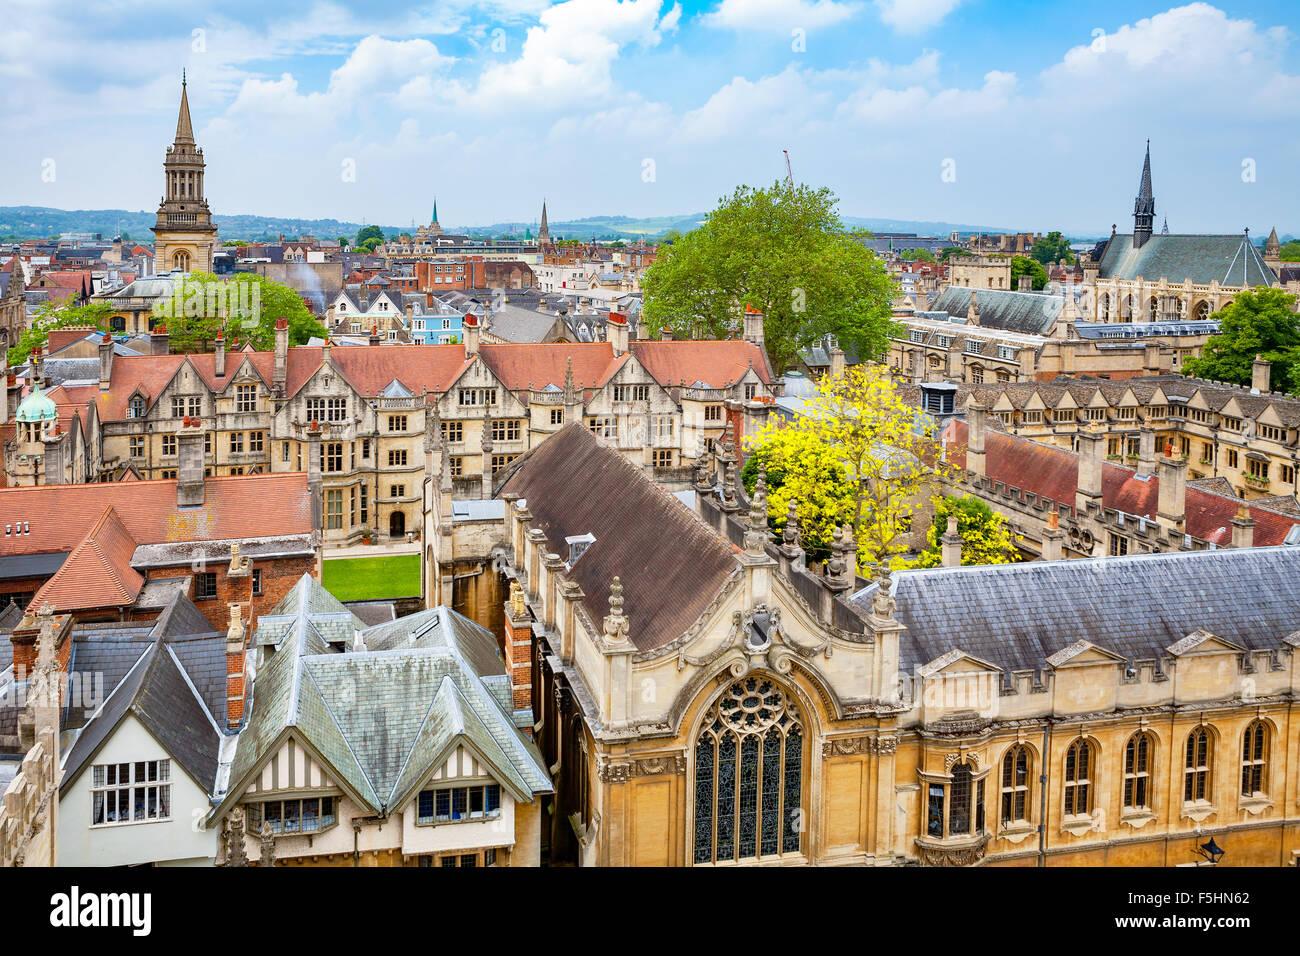 La città di Oxford. Inghilterra Immagini Stock